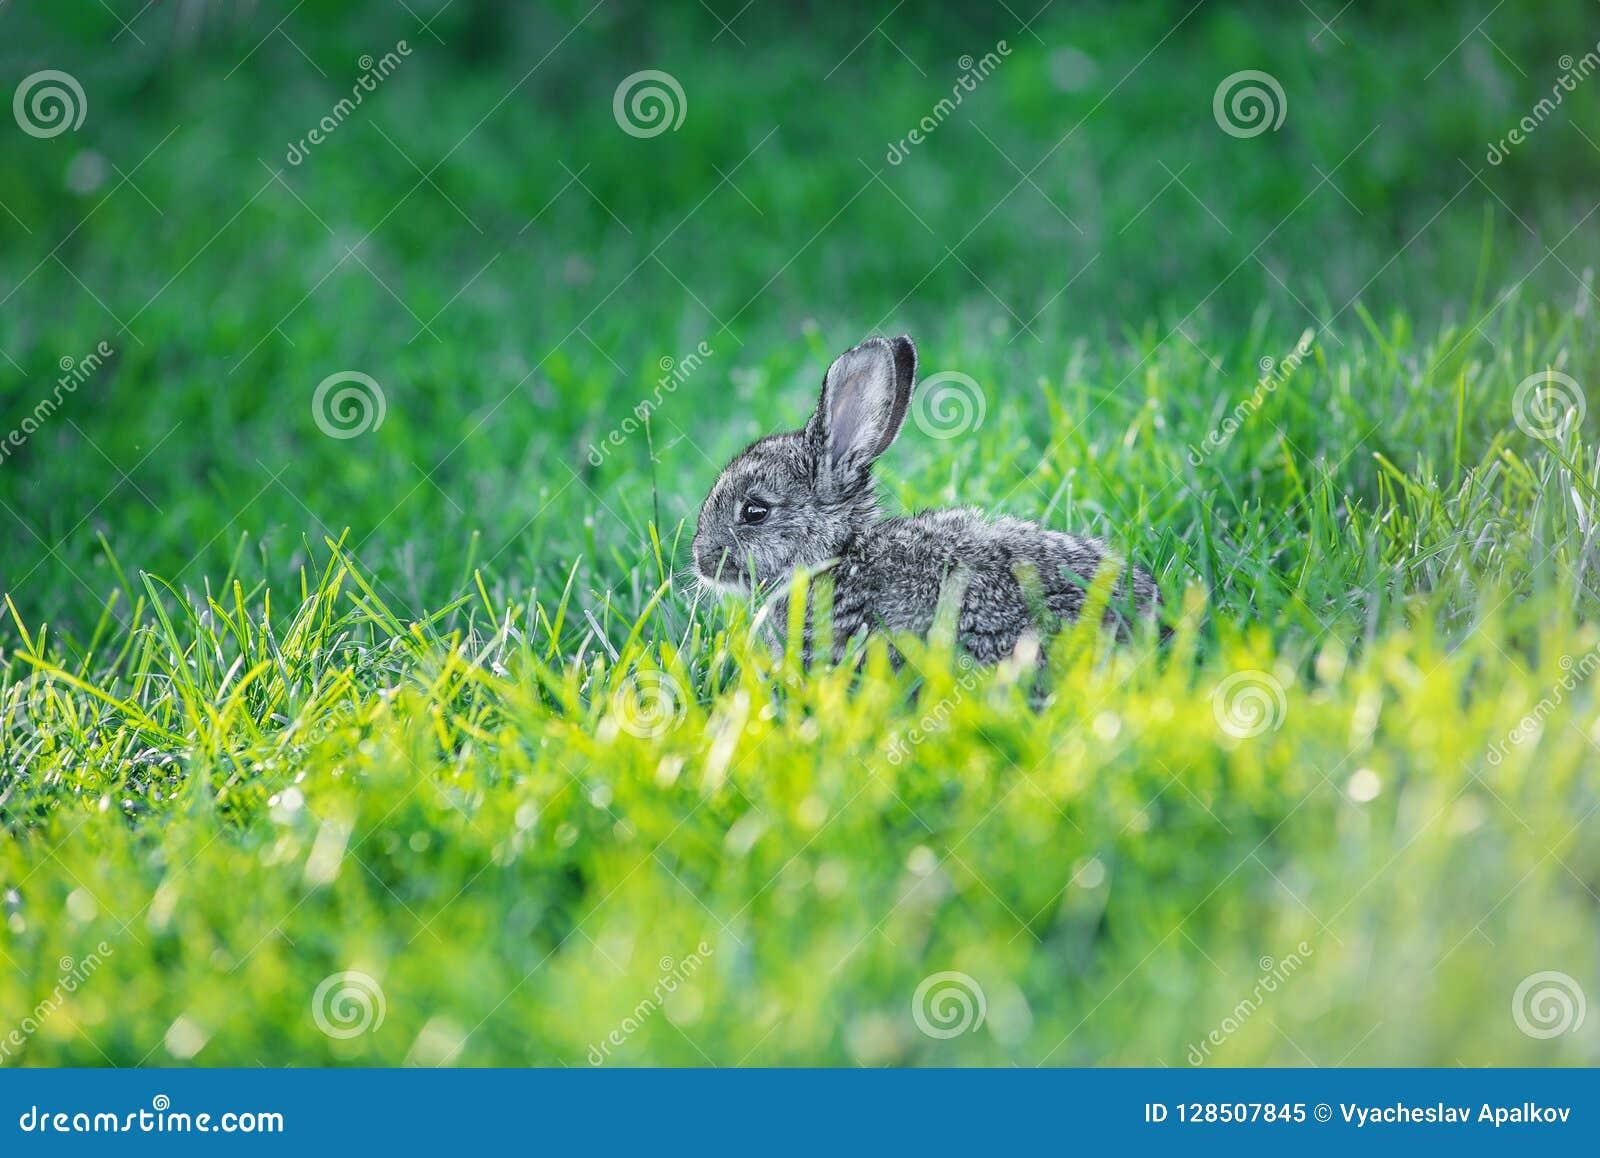 Charming grey bunny sitting in a fresh green grass